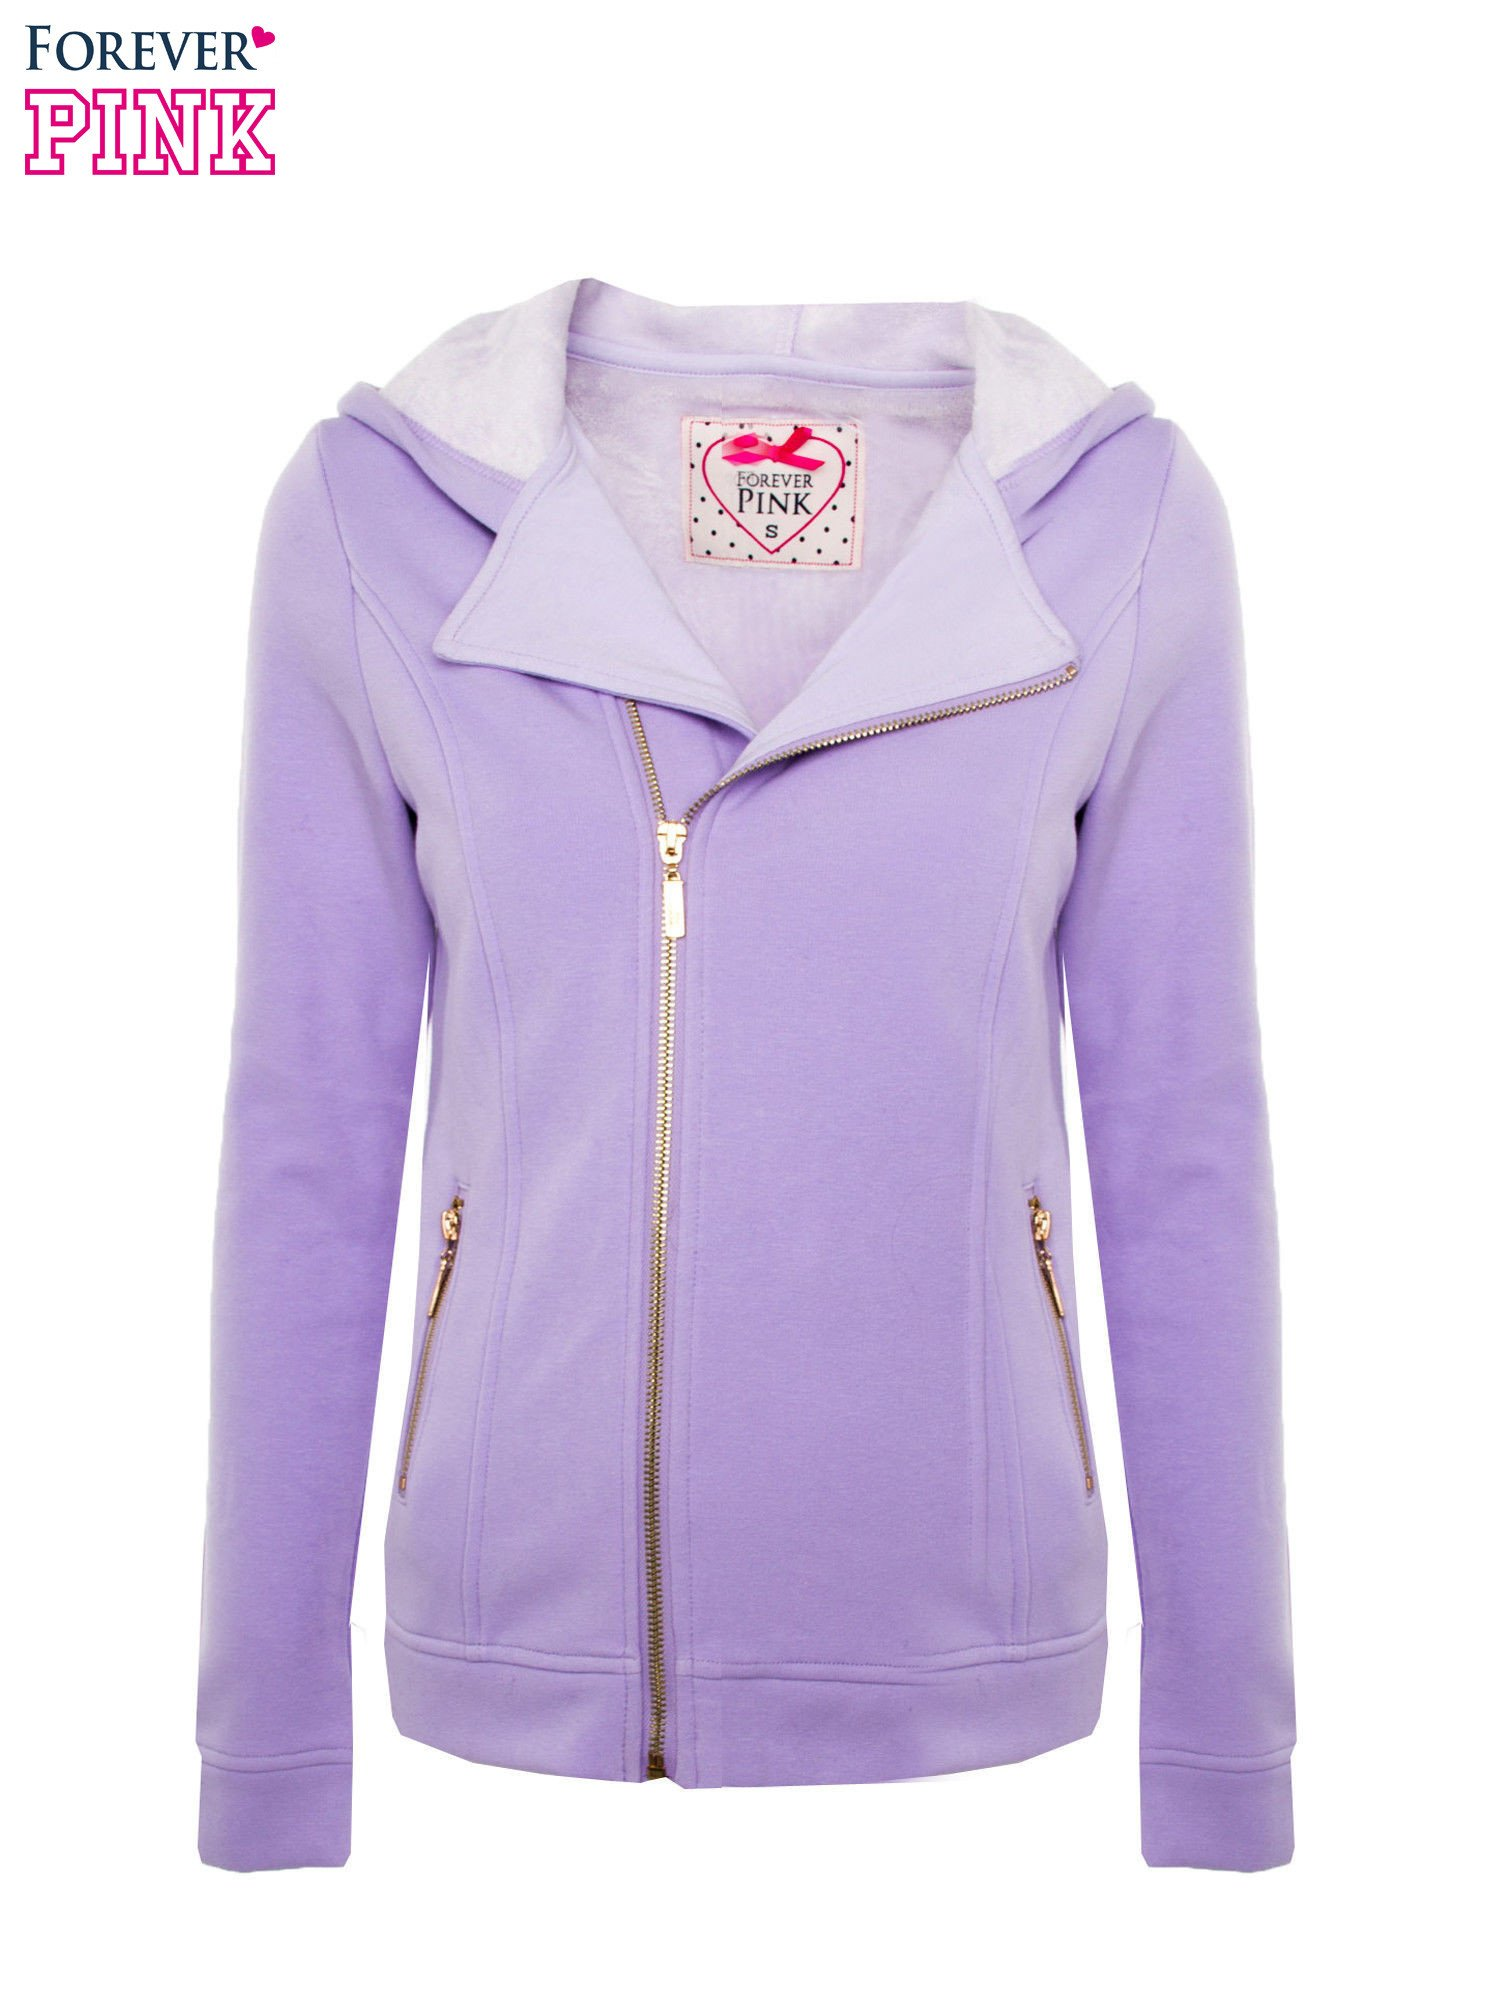 Bluza typu ramoneska w kolorze lila                                  zdj.                                  1